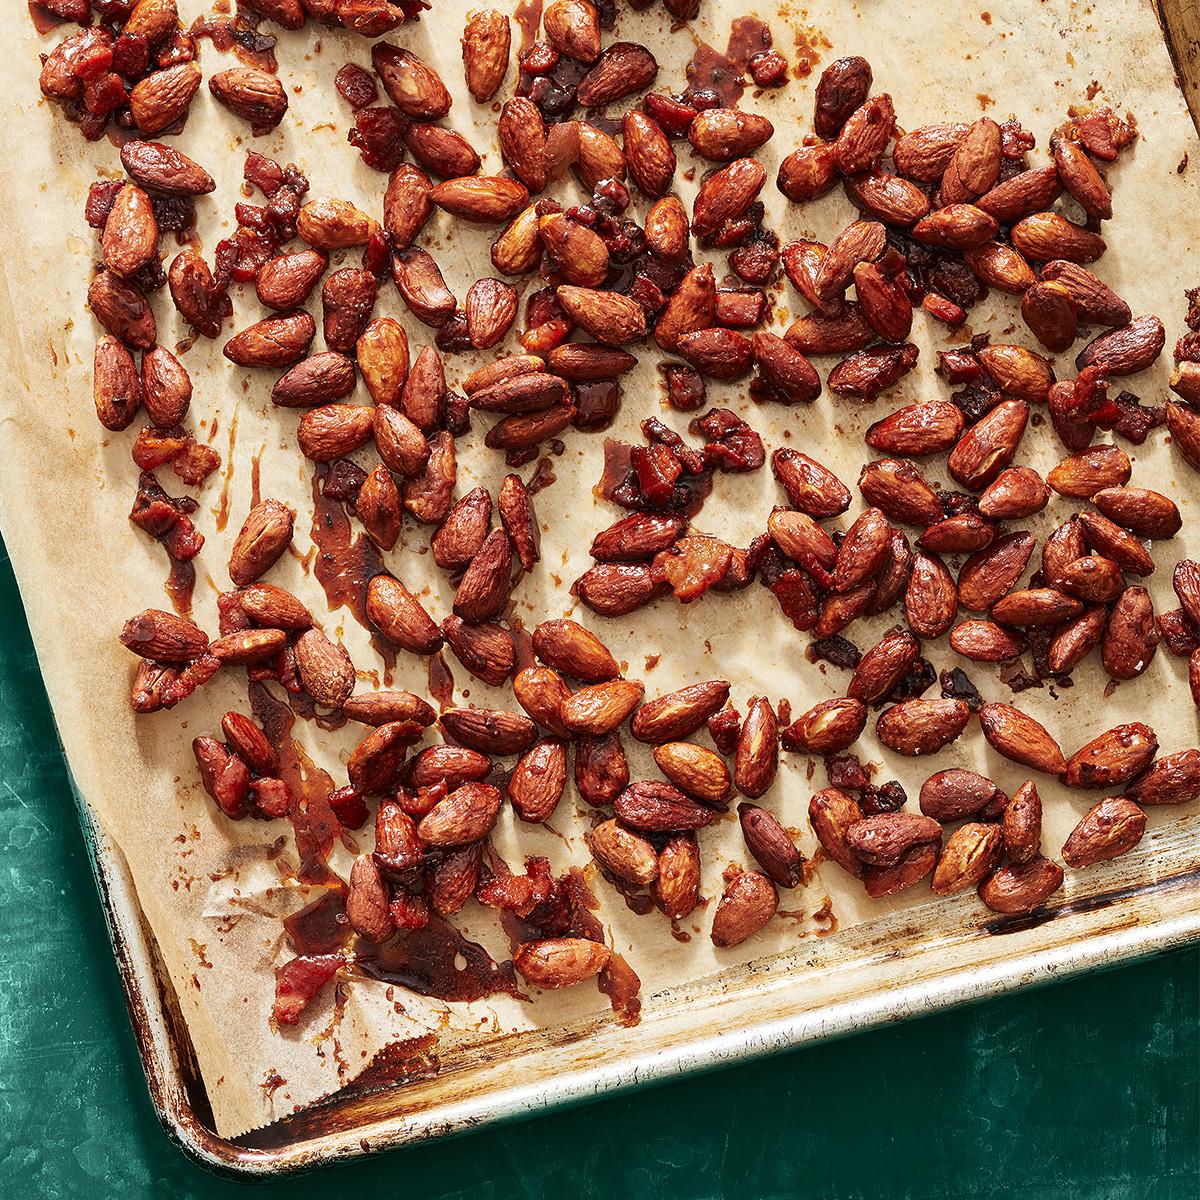 maple bacon glazed almonds